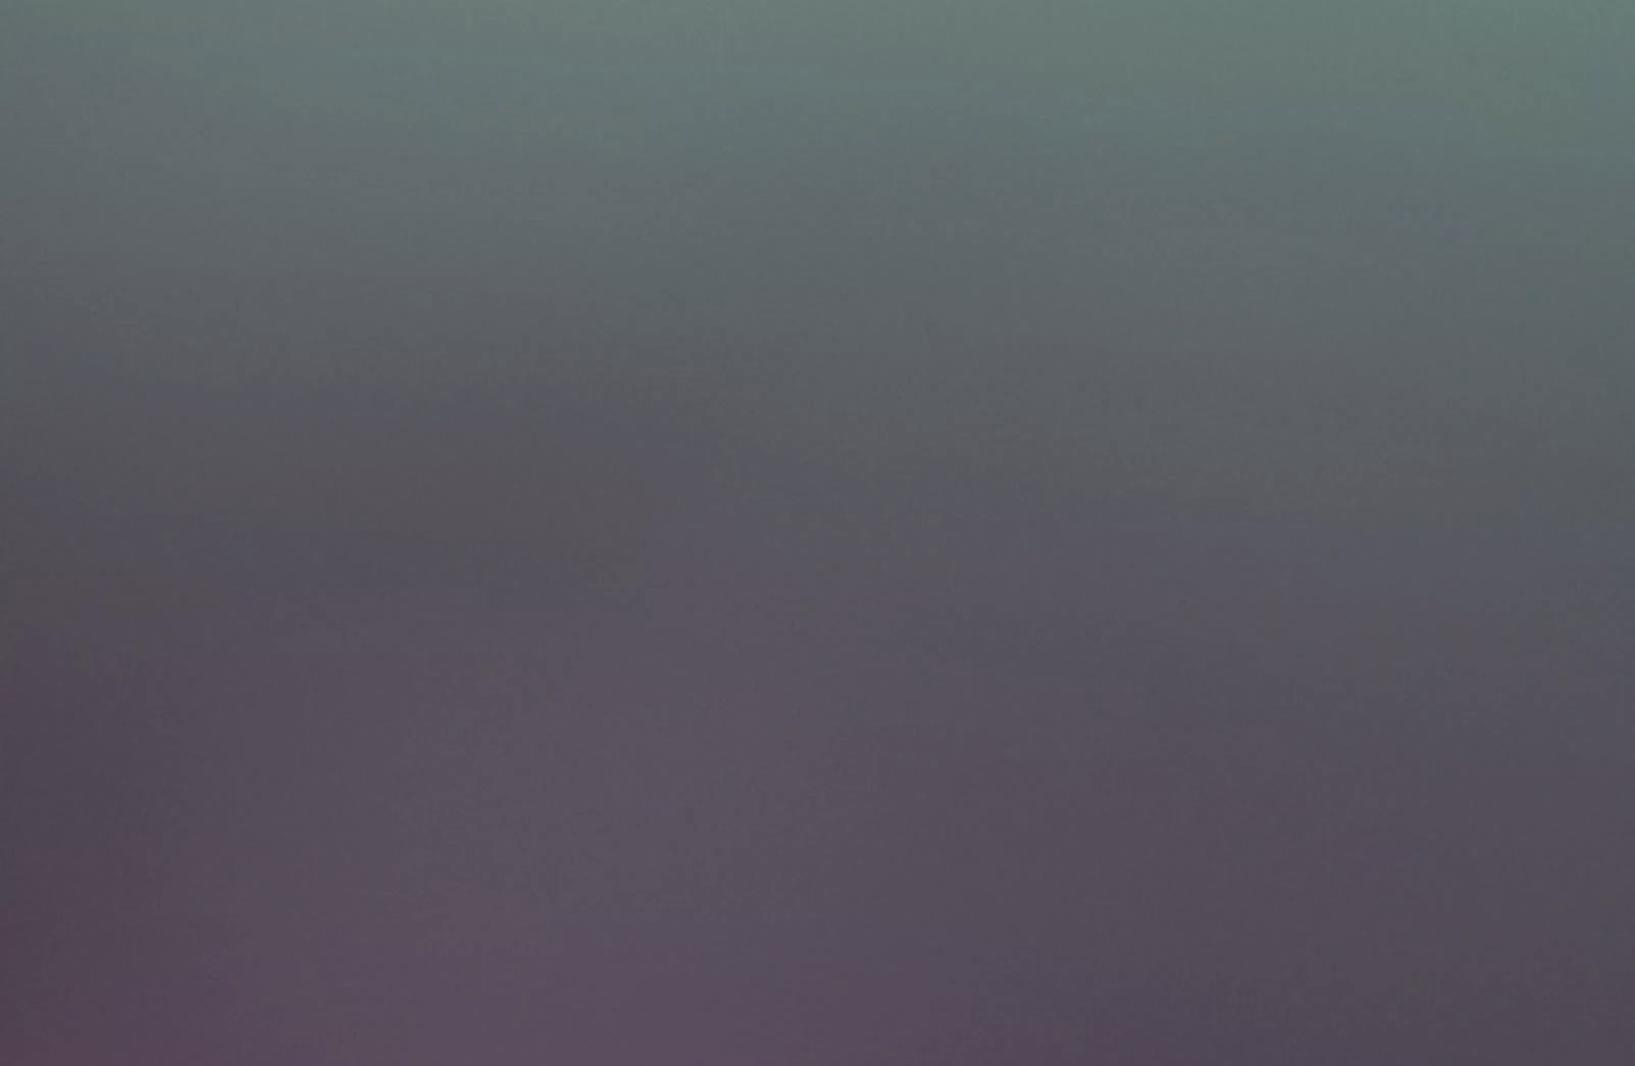 Bildschirmfoto 2018-10-17 um 16.05.10.png